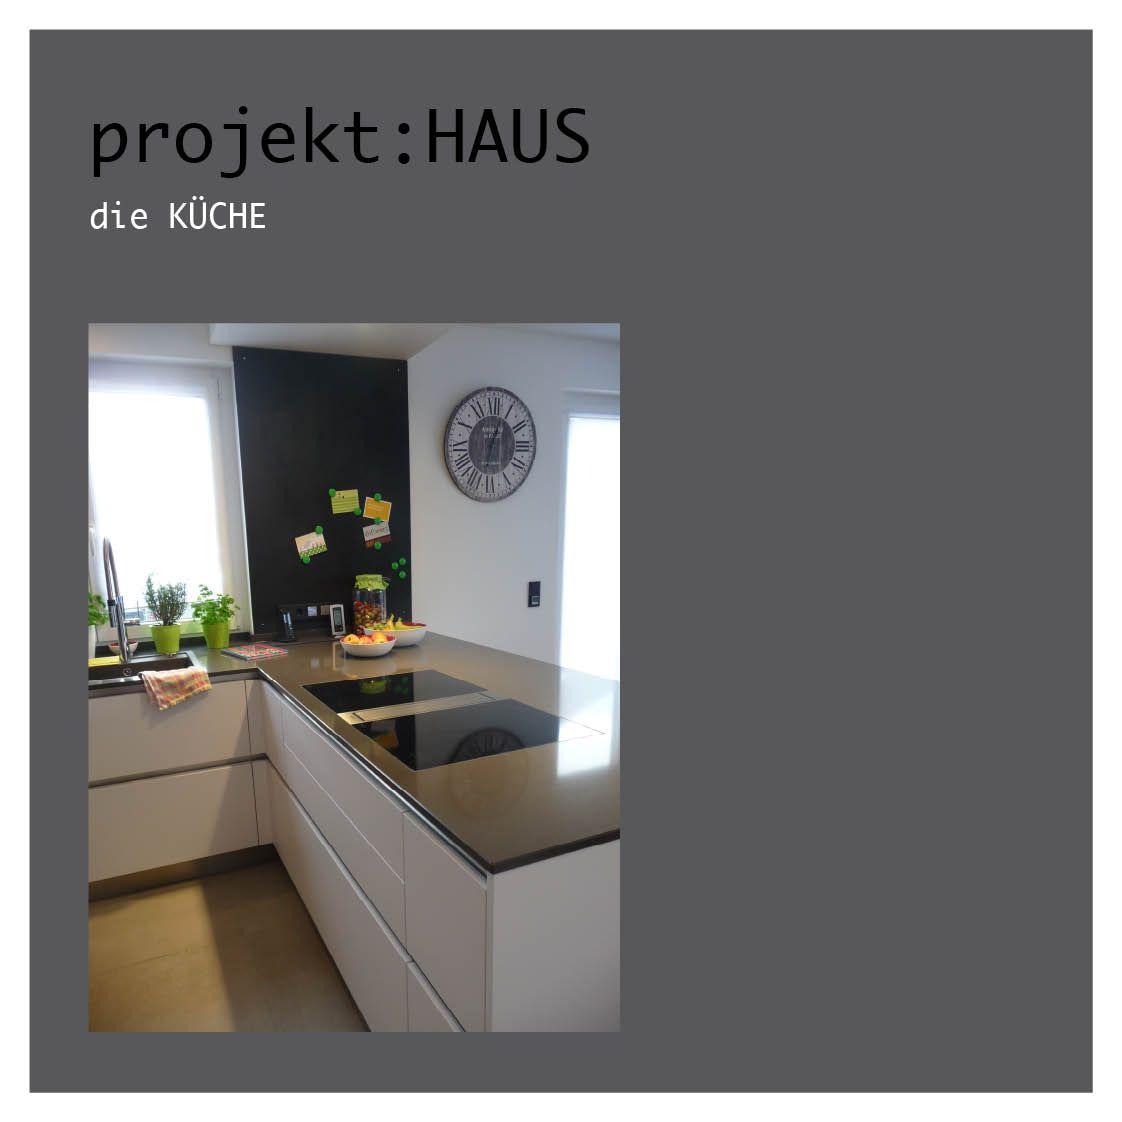 küche, modern, schwarz, weiß, grau, beton, stein, tafel ...